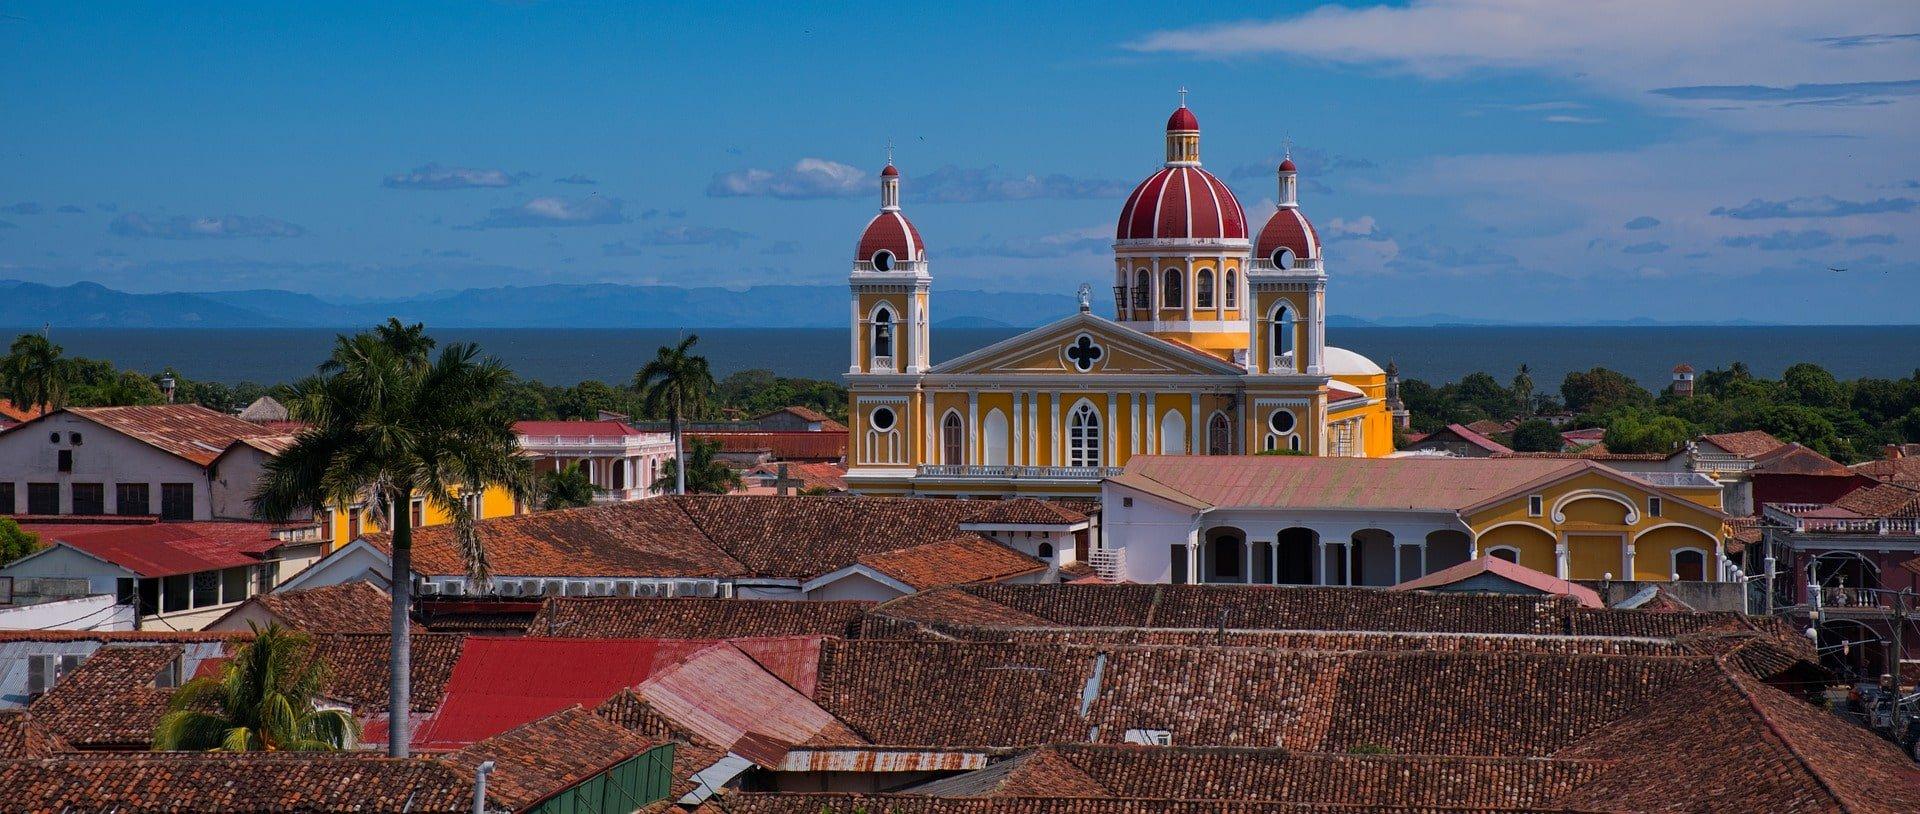 ville avec cathédrale nicaragua voyage en famille